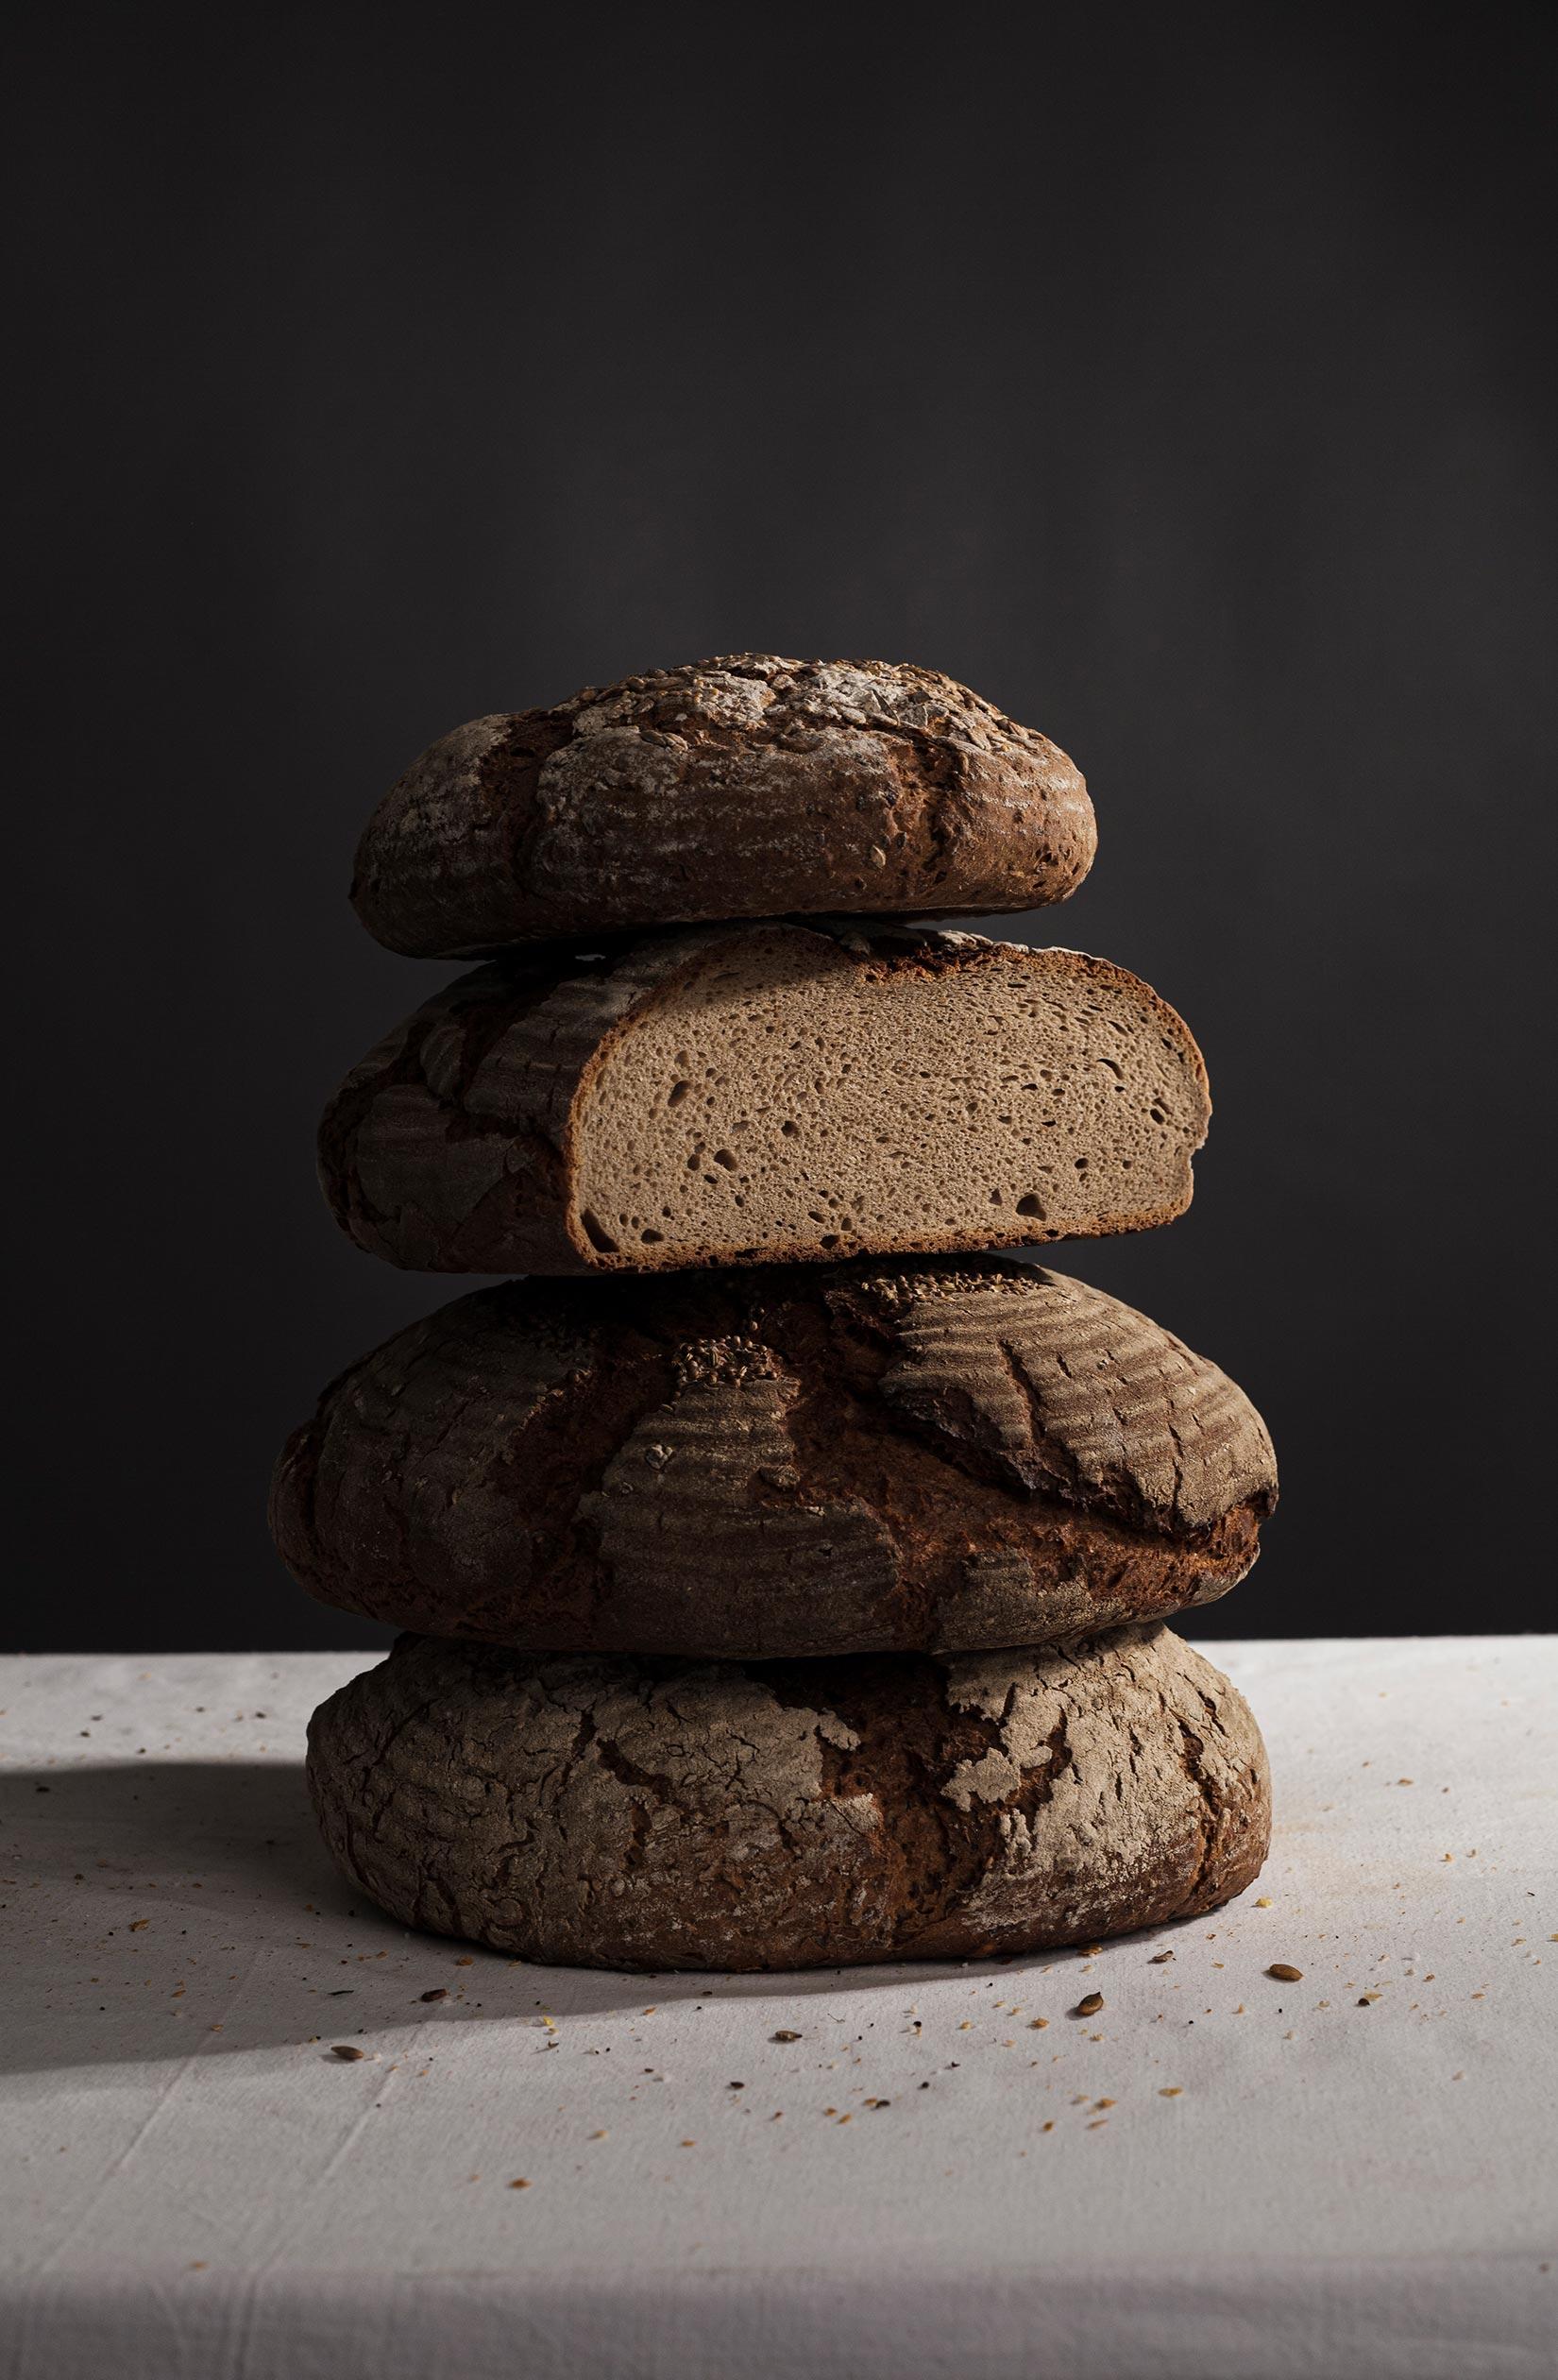 Rustikales Brot mit kräftiger Kruste aus dem Holzofen